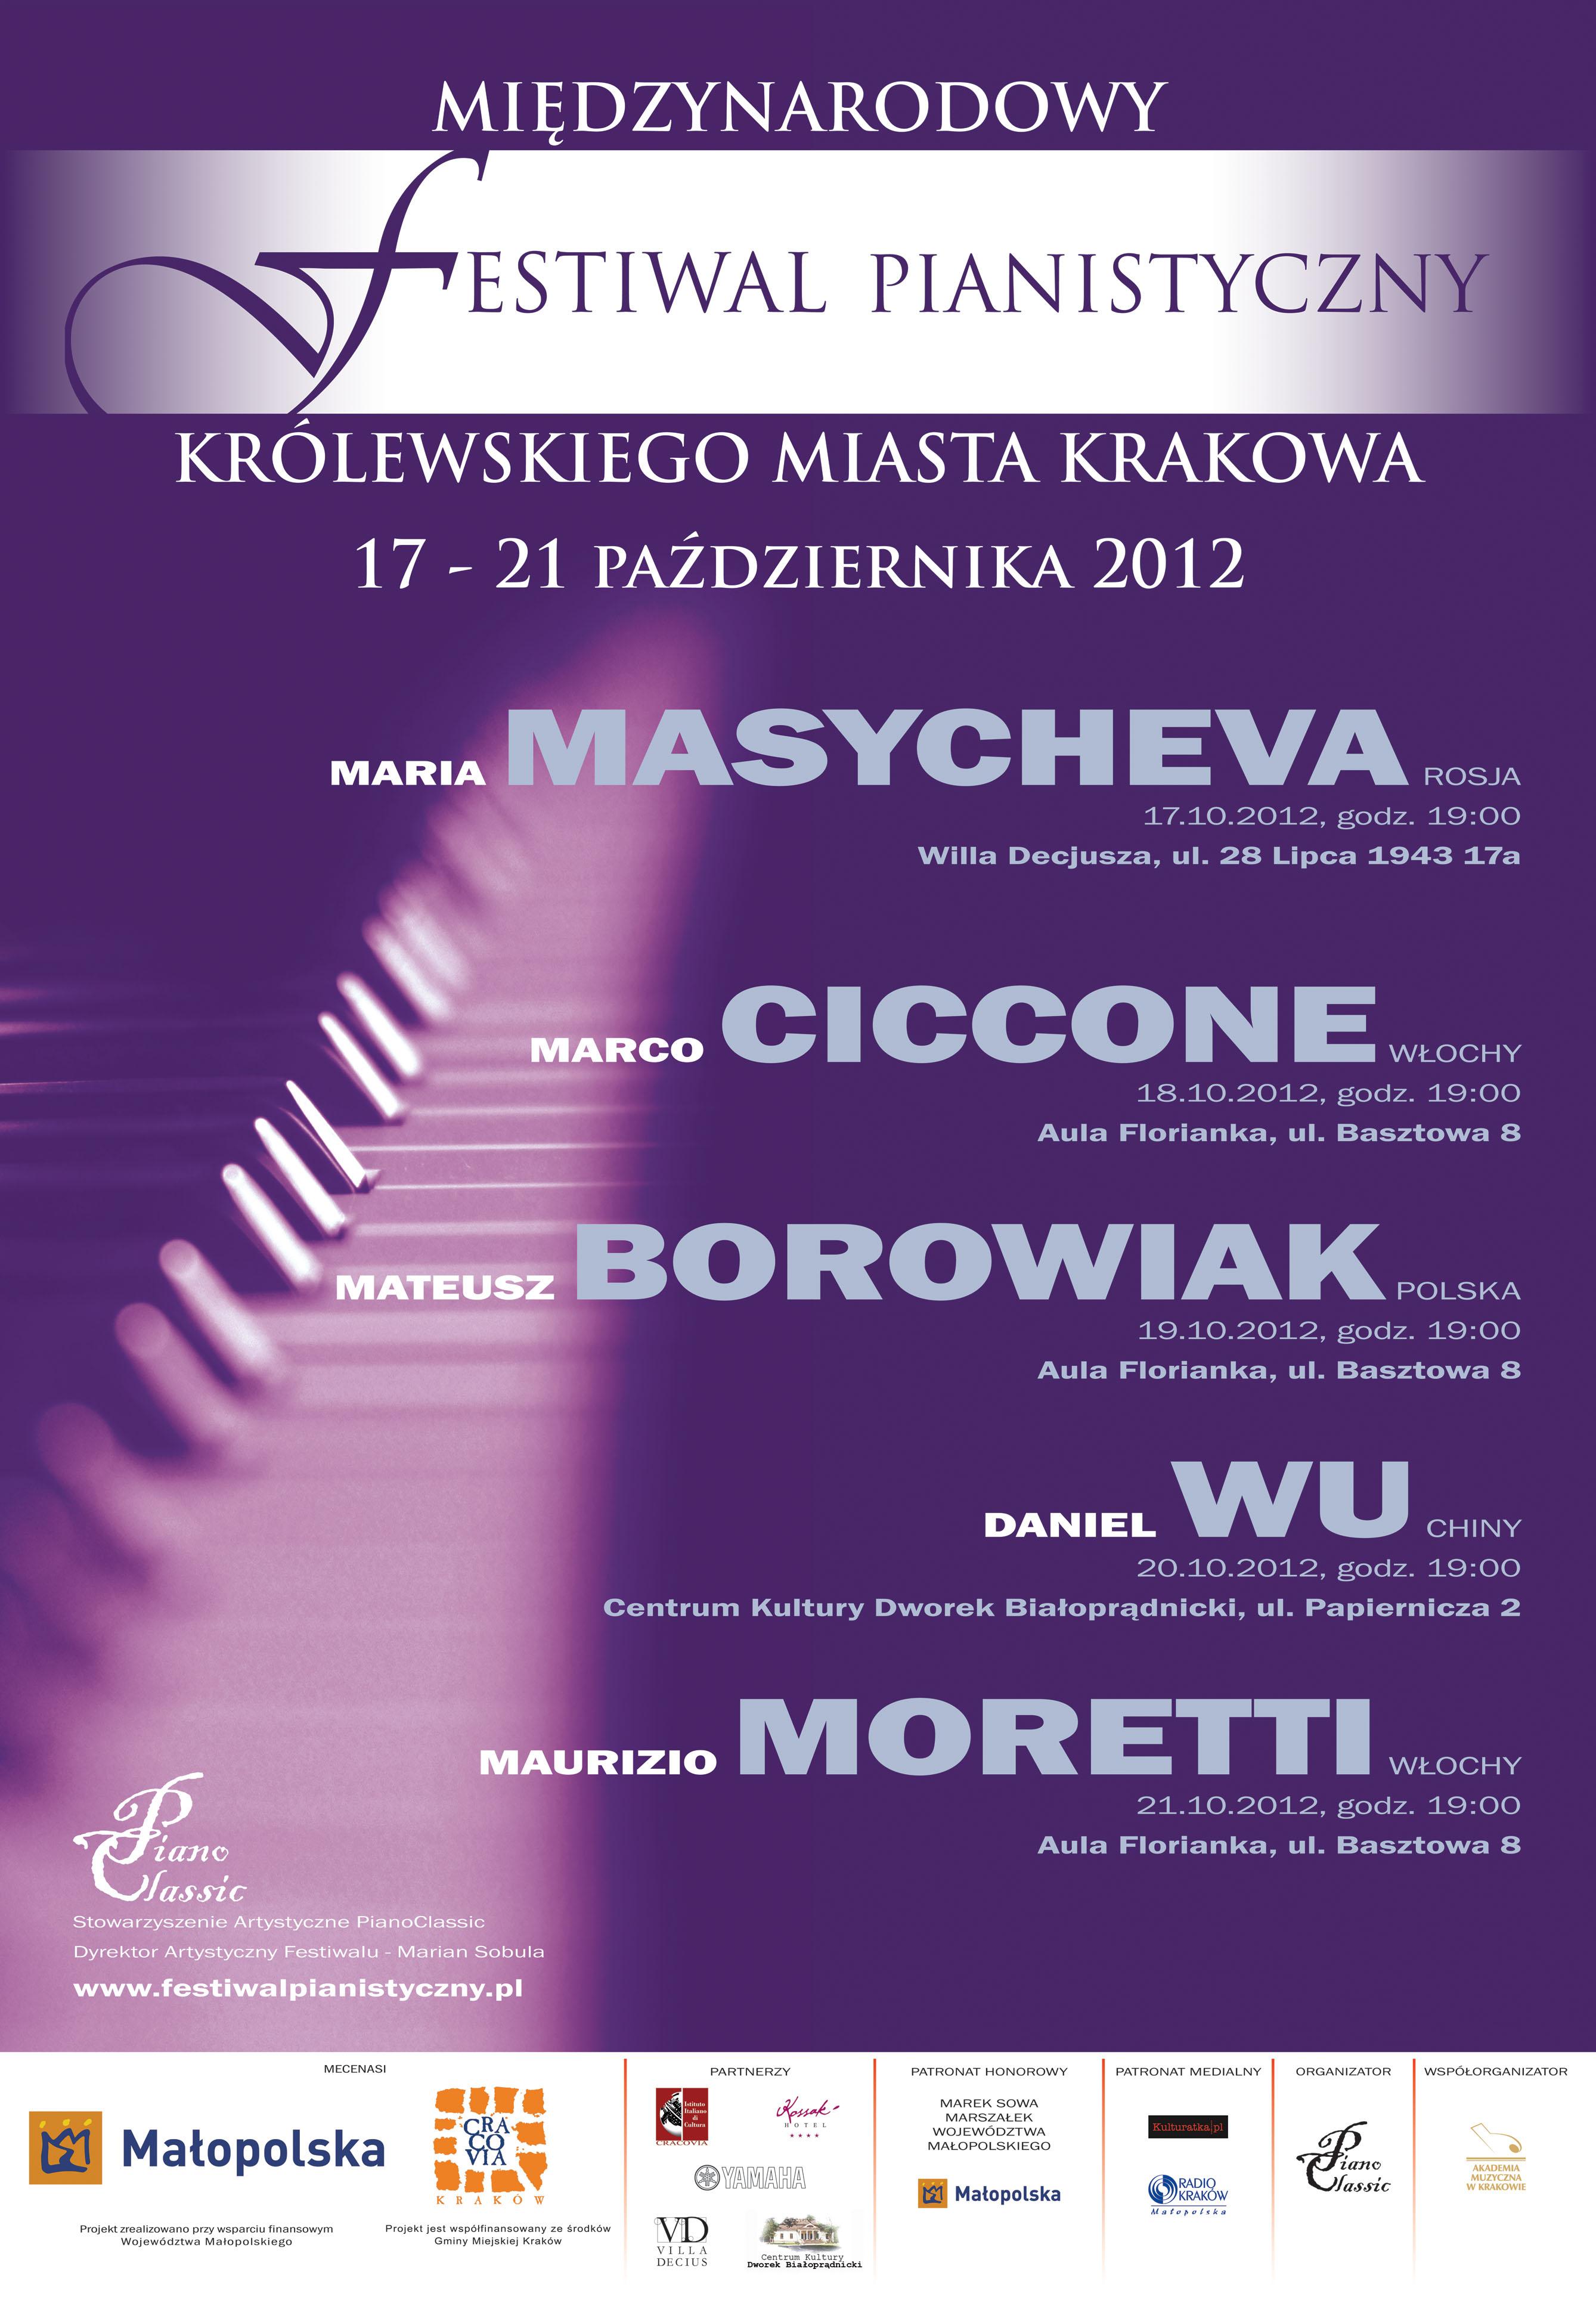 17-21 października 2012r. - Międzynarodowy Festiwal Pianistyczny - Zaproszenie